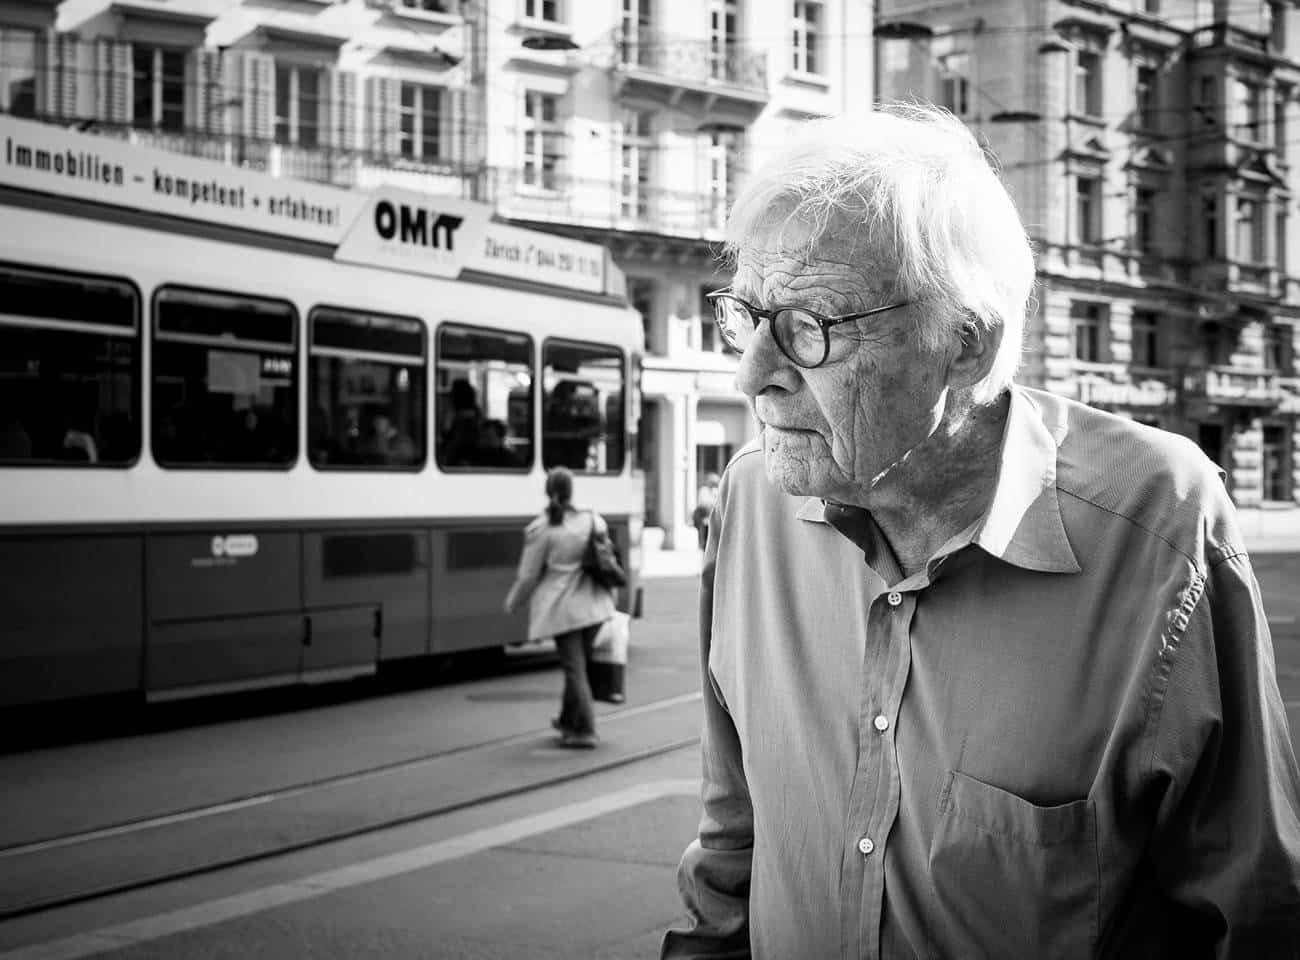 ahorrar para la jubilacion - calidad de vida